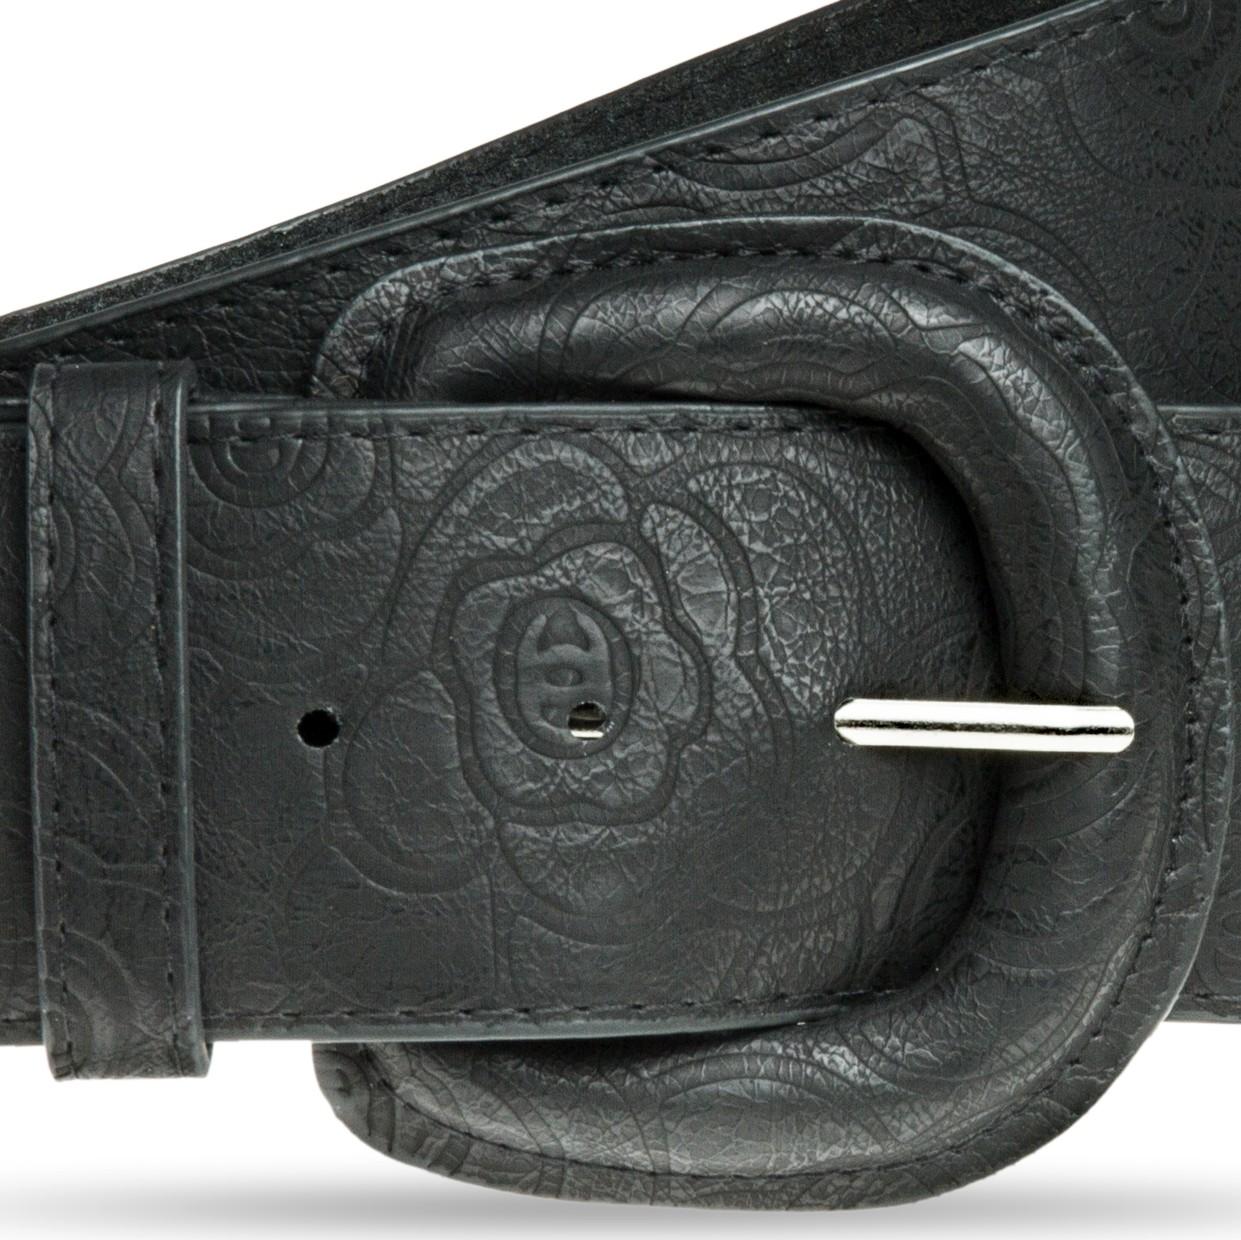 damen breiter g rtel tailleng rtel mit gro er schnalle g rtel. Black Bedroom Furniture Sets. Home Design Ideas